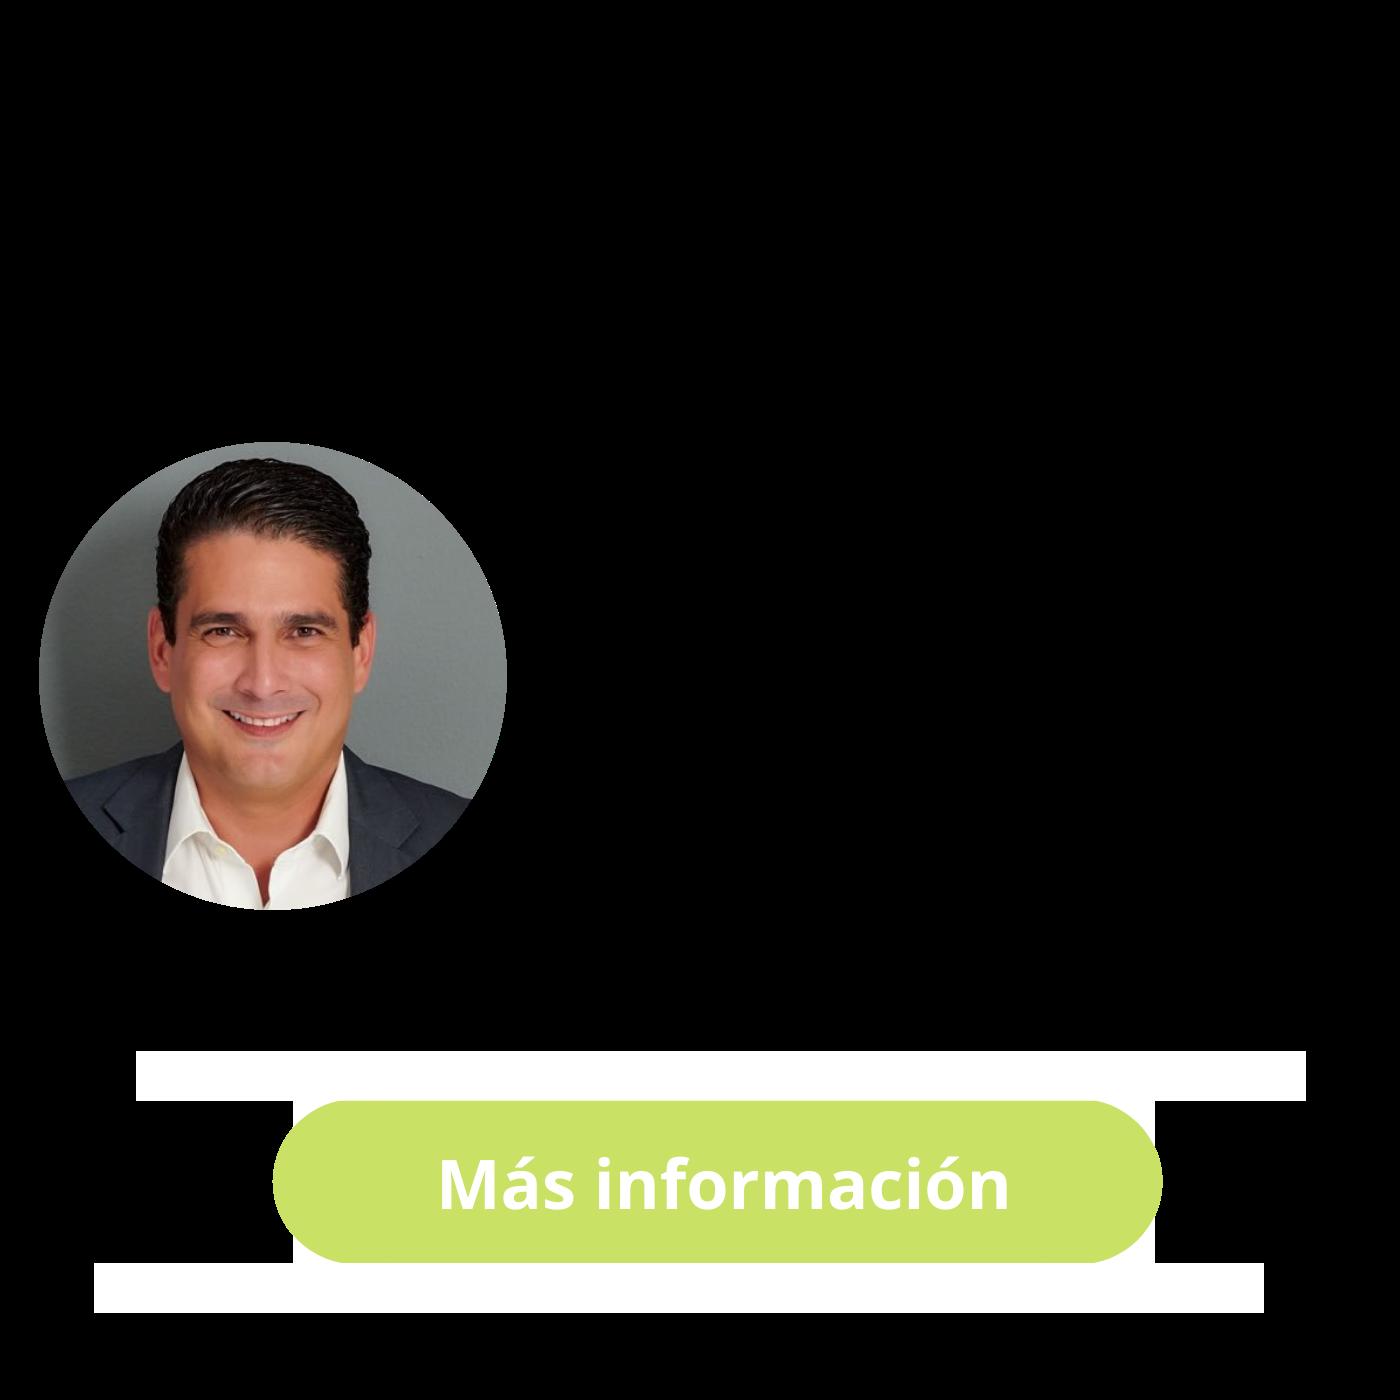 El Tendido Eléctrico Y Alumbrado Público En Santa Tecla. Newsletter. Infografía. Roberto d'Aubuisson. 2021